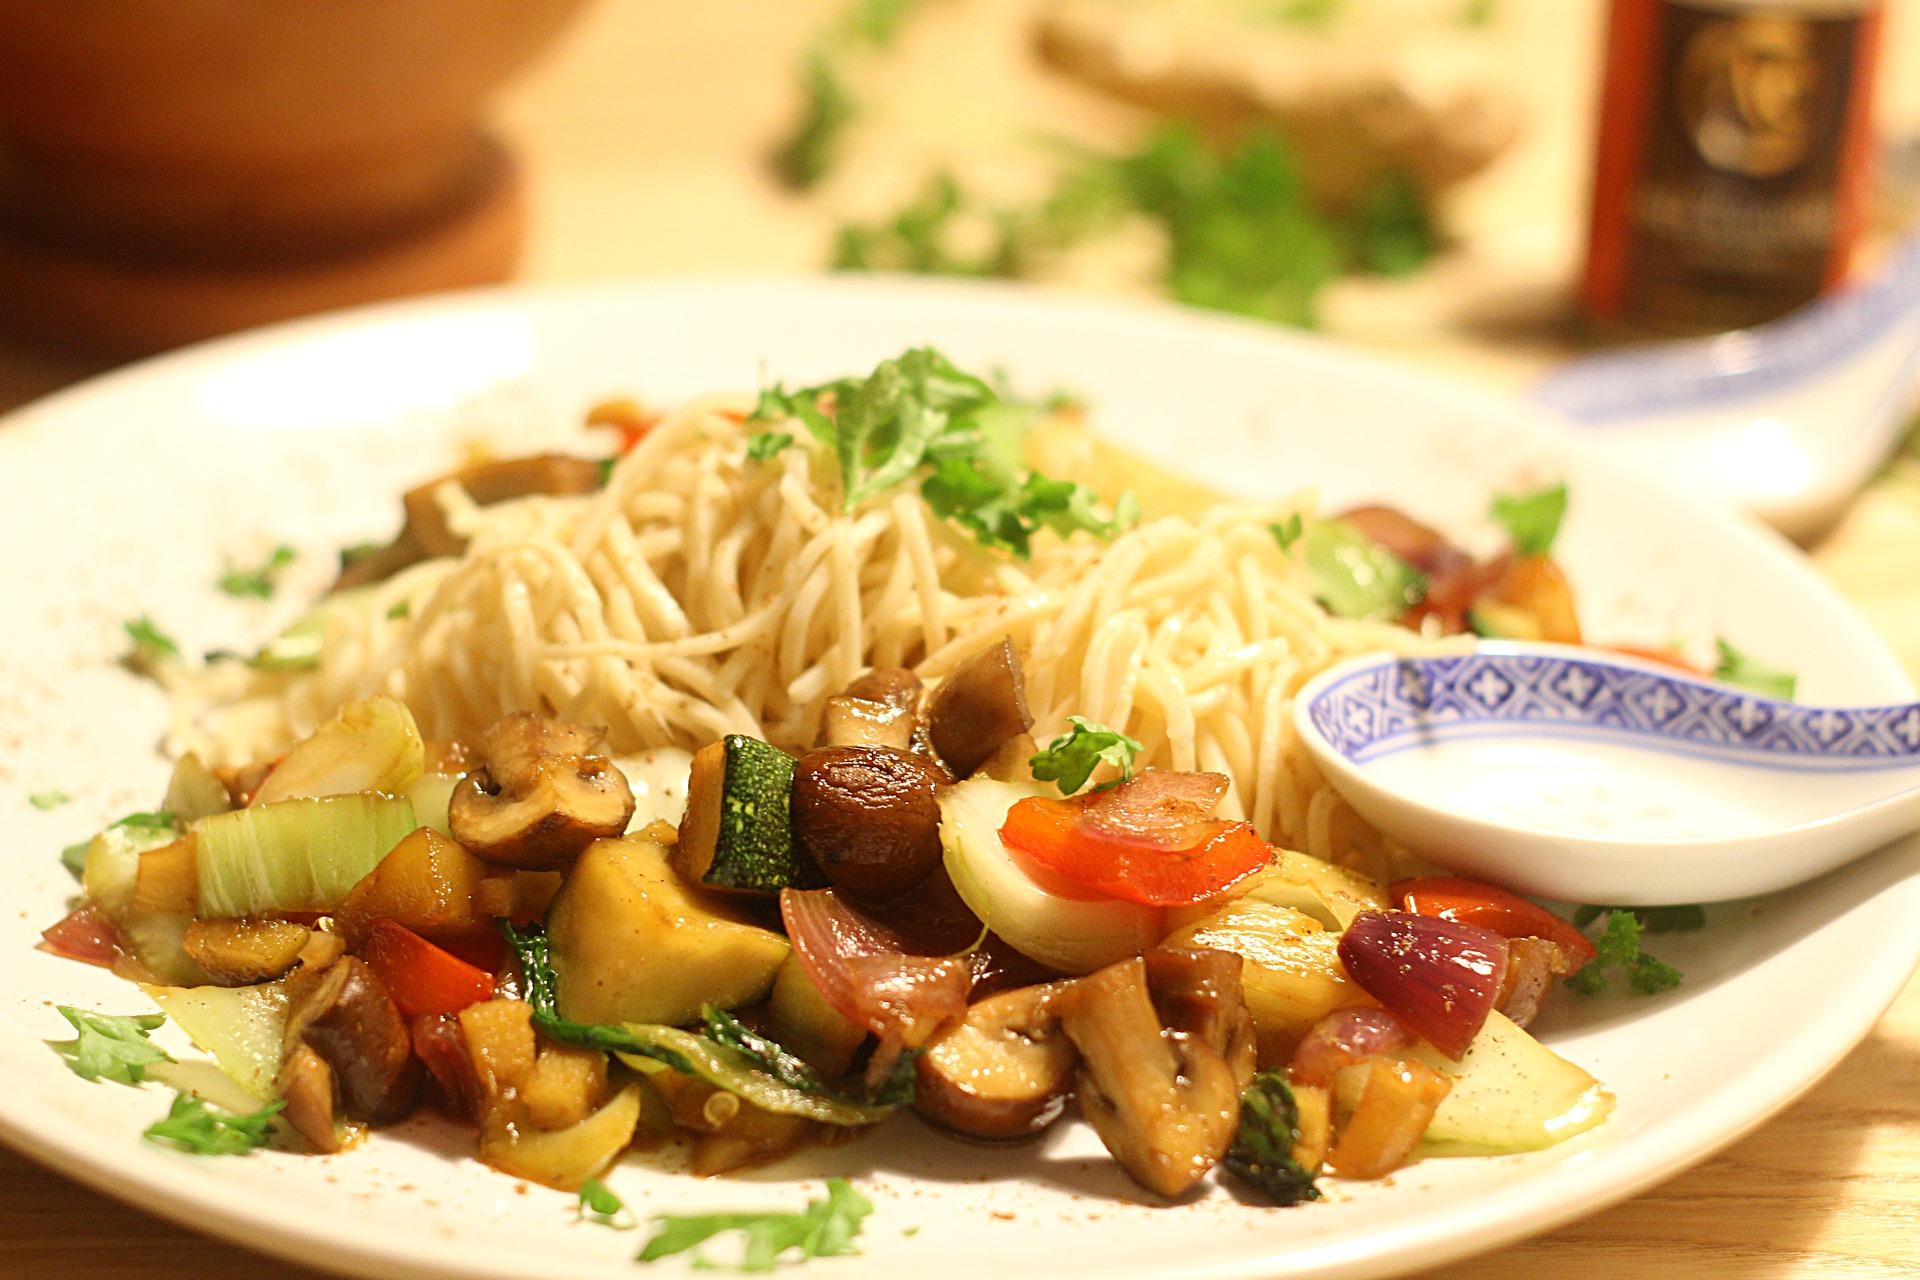 Restaurant Nürburgring Lieferdienst. ALs Restaurant mit Lieferservice, bringen wir Ihnen alle unsere Speisen freu Haus.